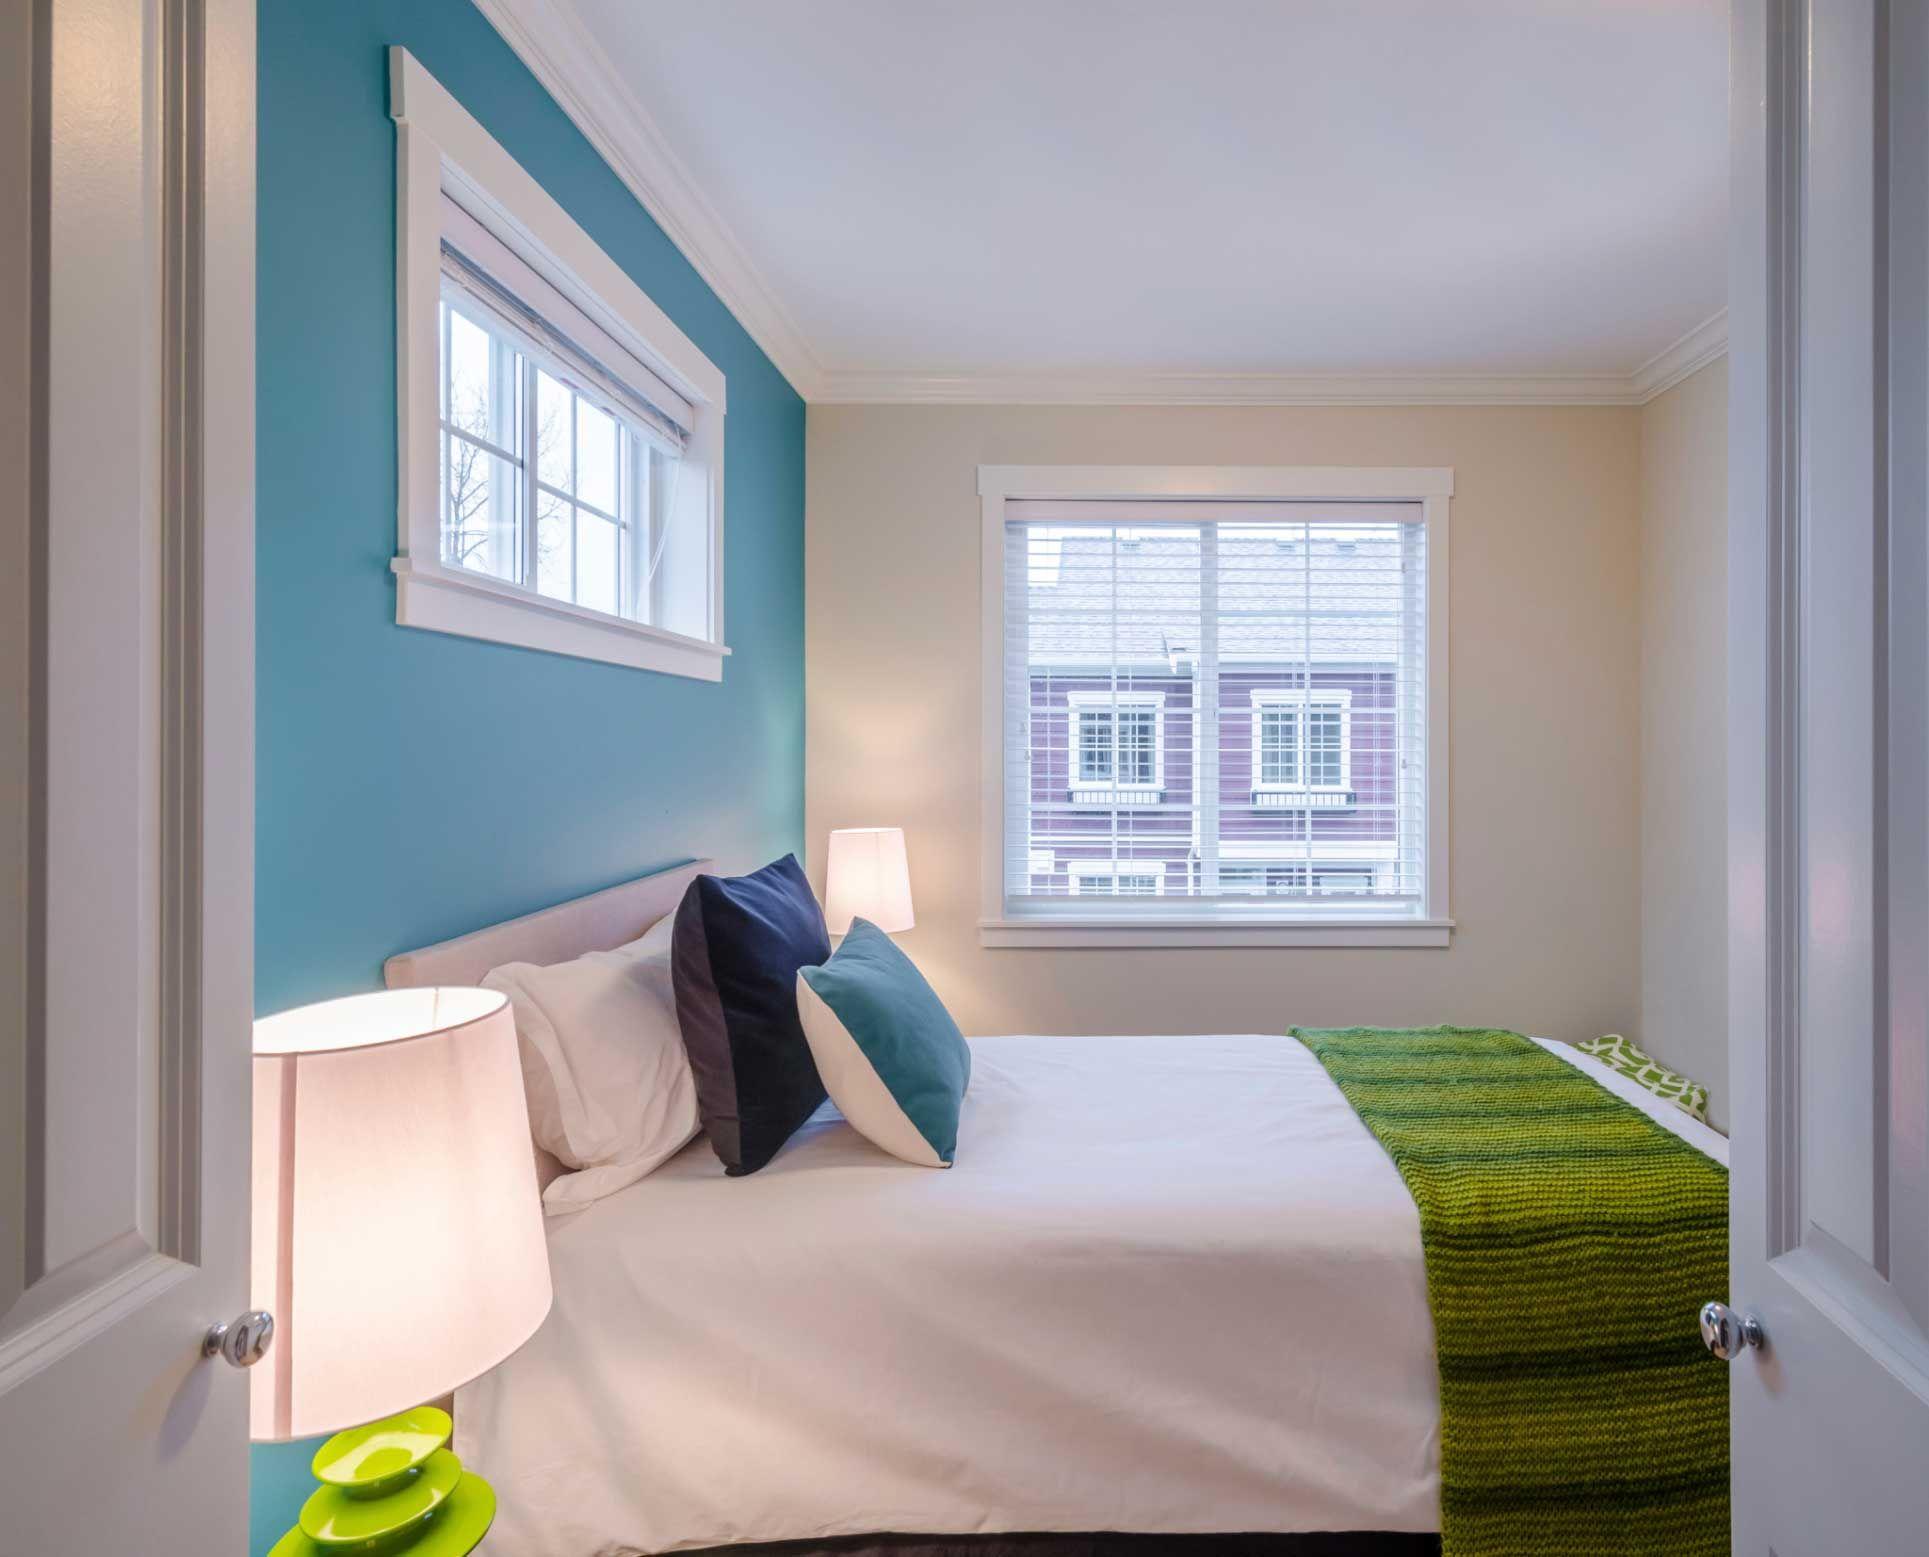 Estores persianas y paneles para la decoraci n de for Ventanas de aluminio con cortina